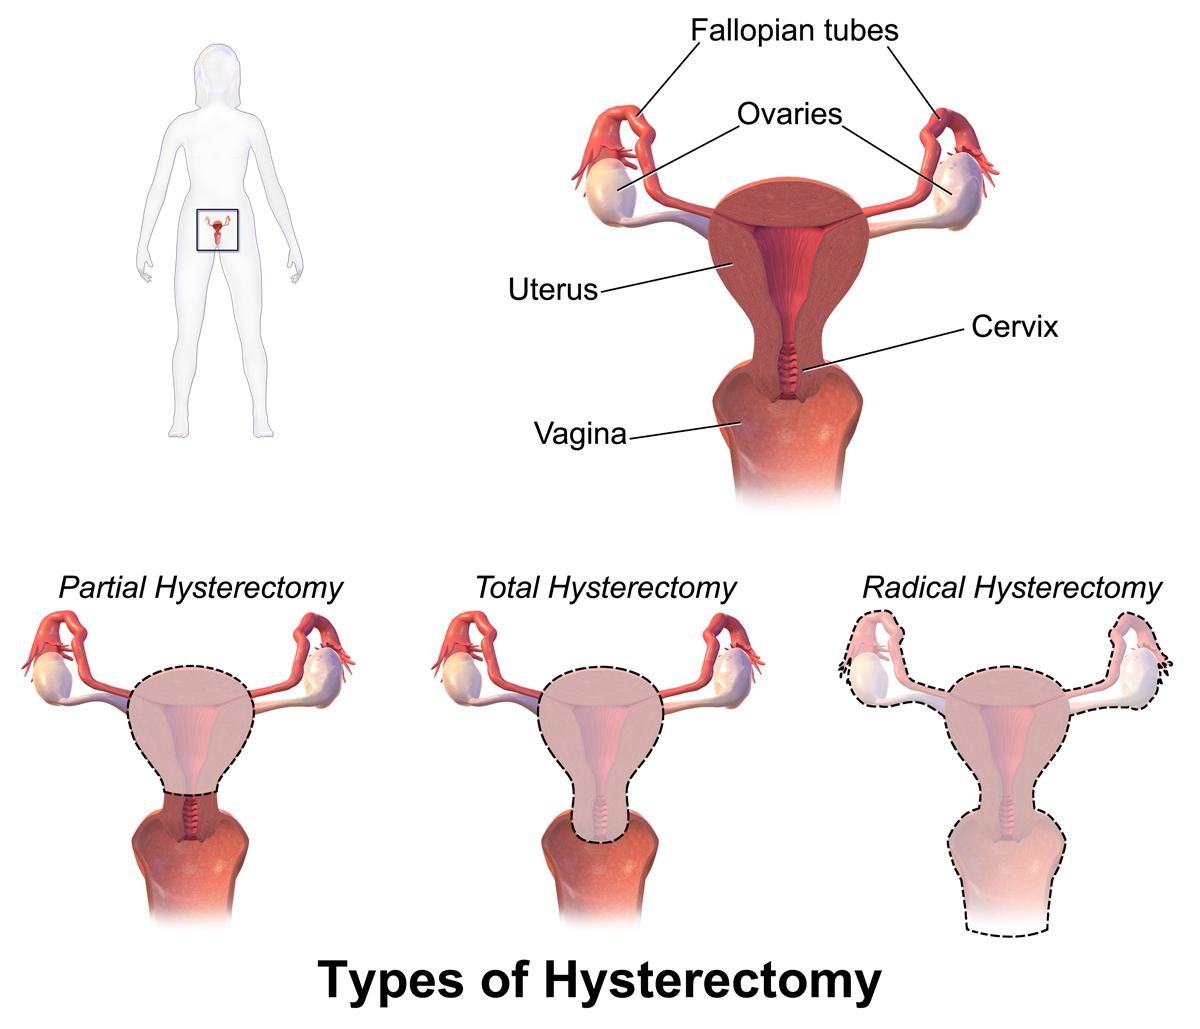 مزیت های جراحی هیسترکتومی به روش لاپاراسکوپی